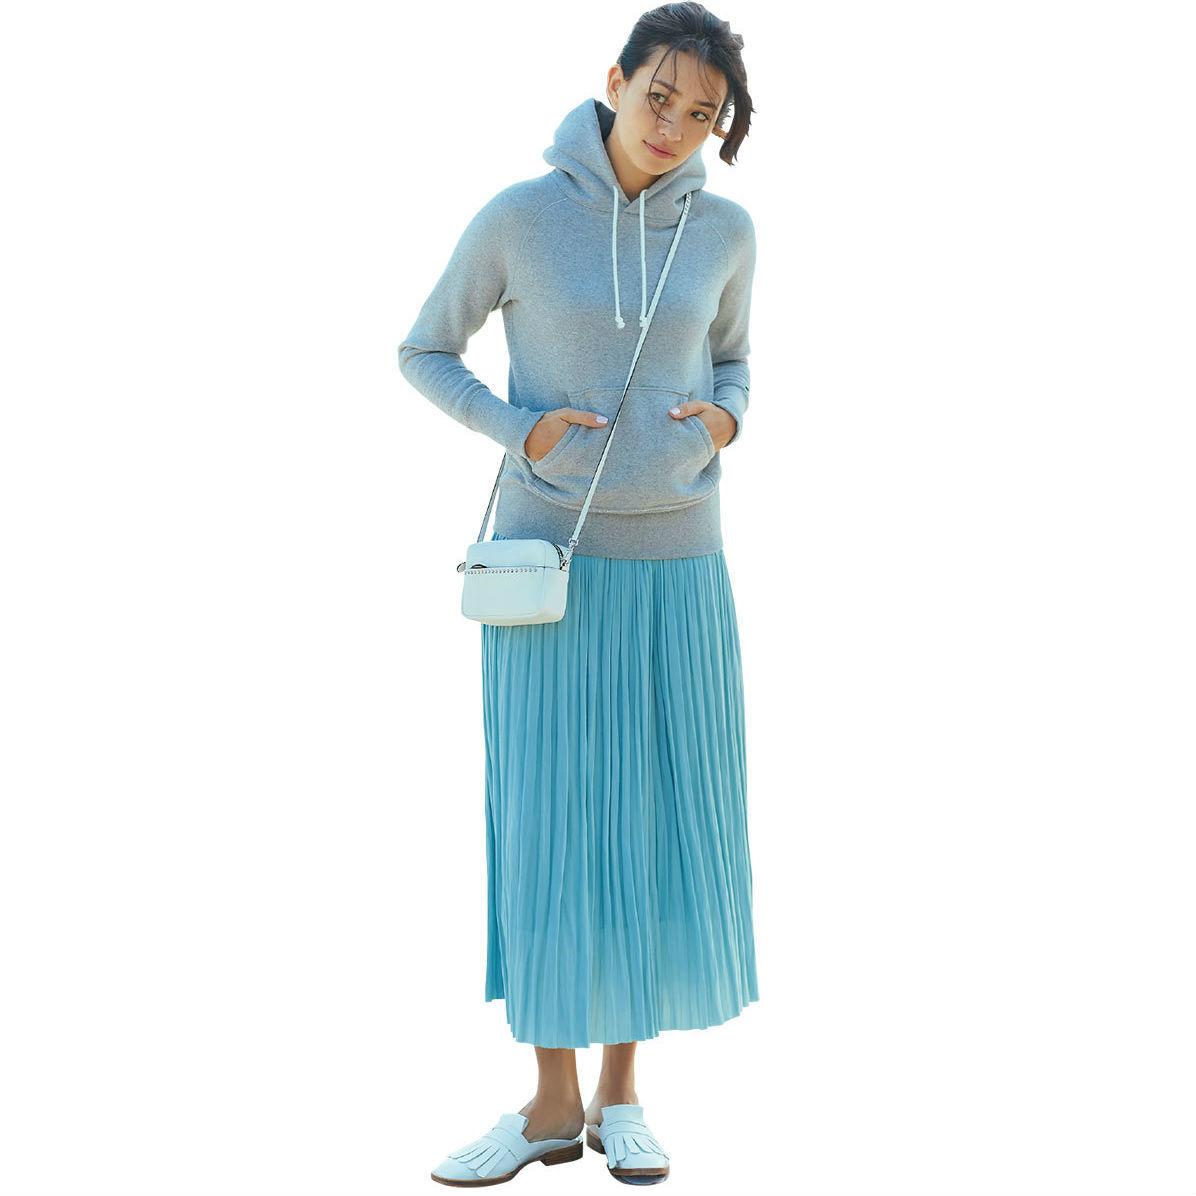 水色のプリーツスカート×白ローファーコーデ